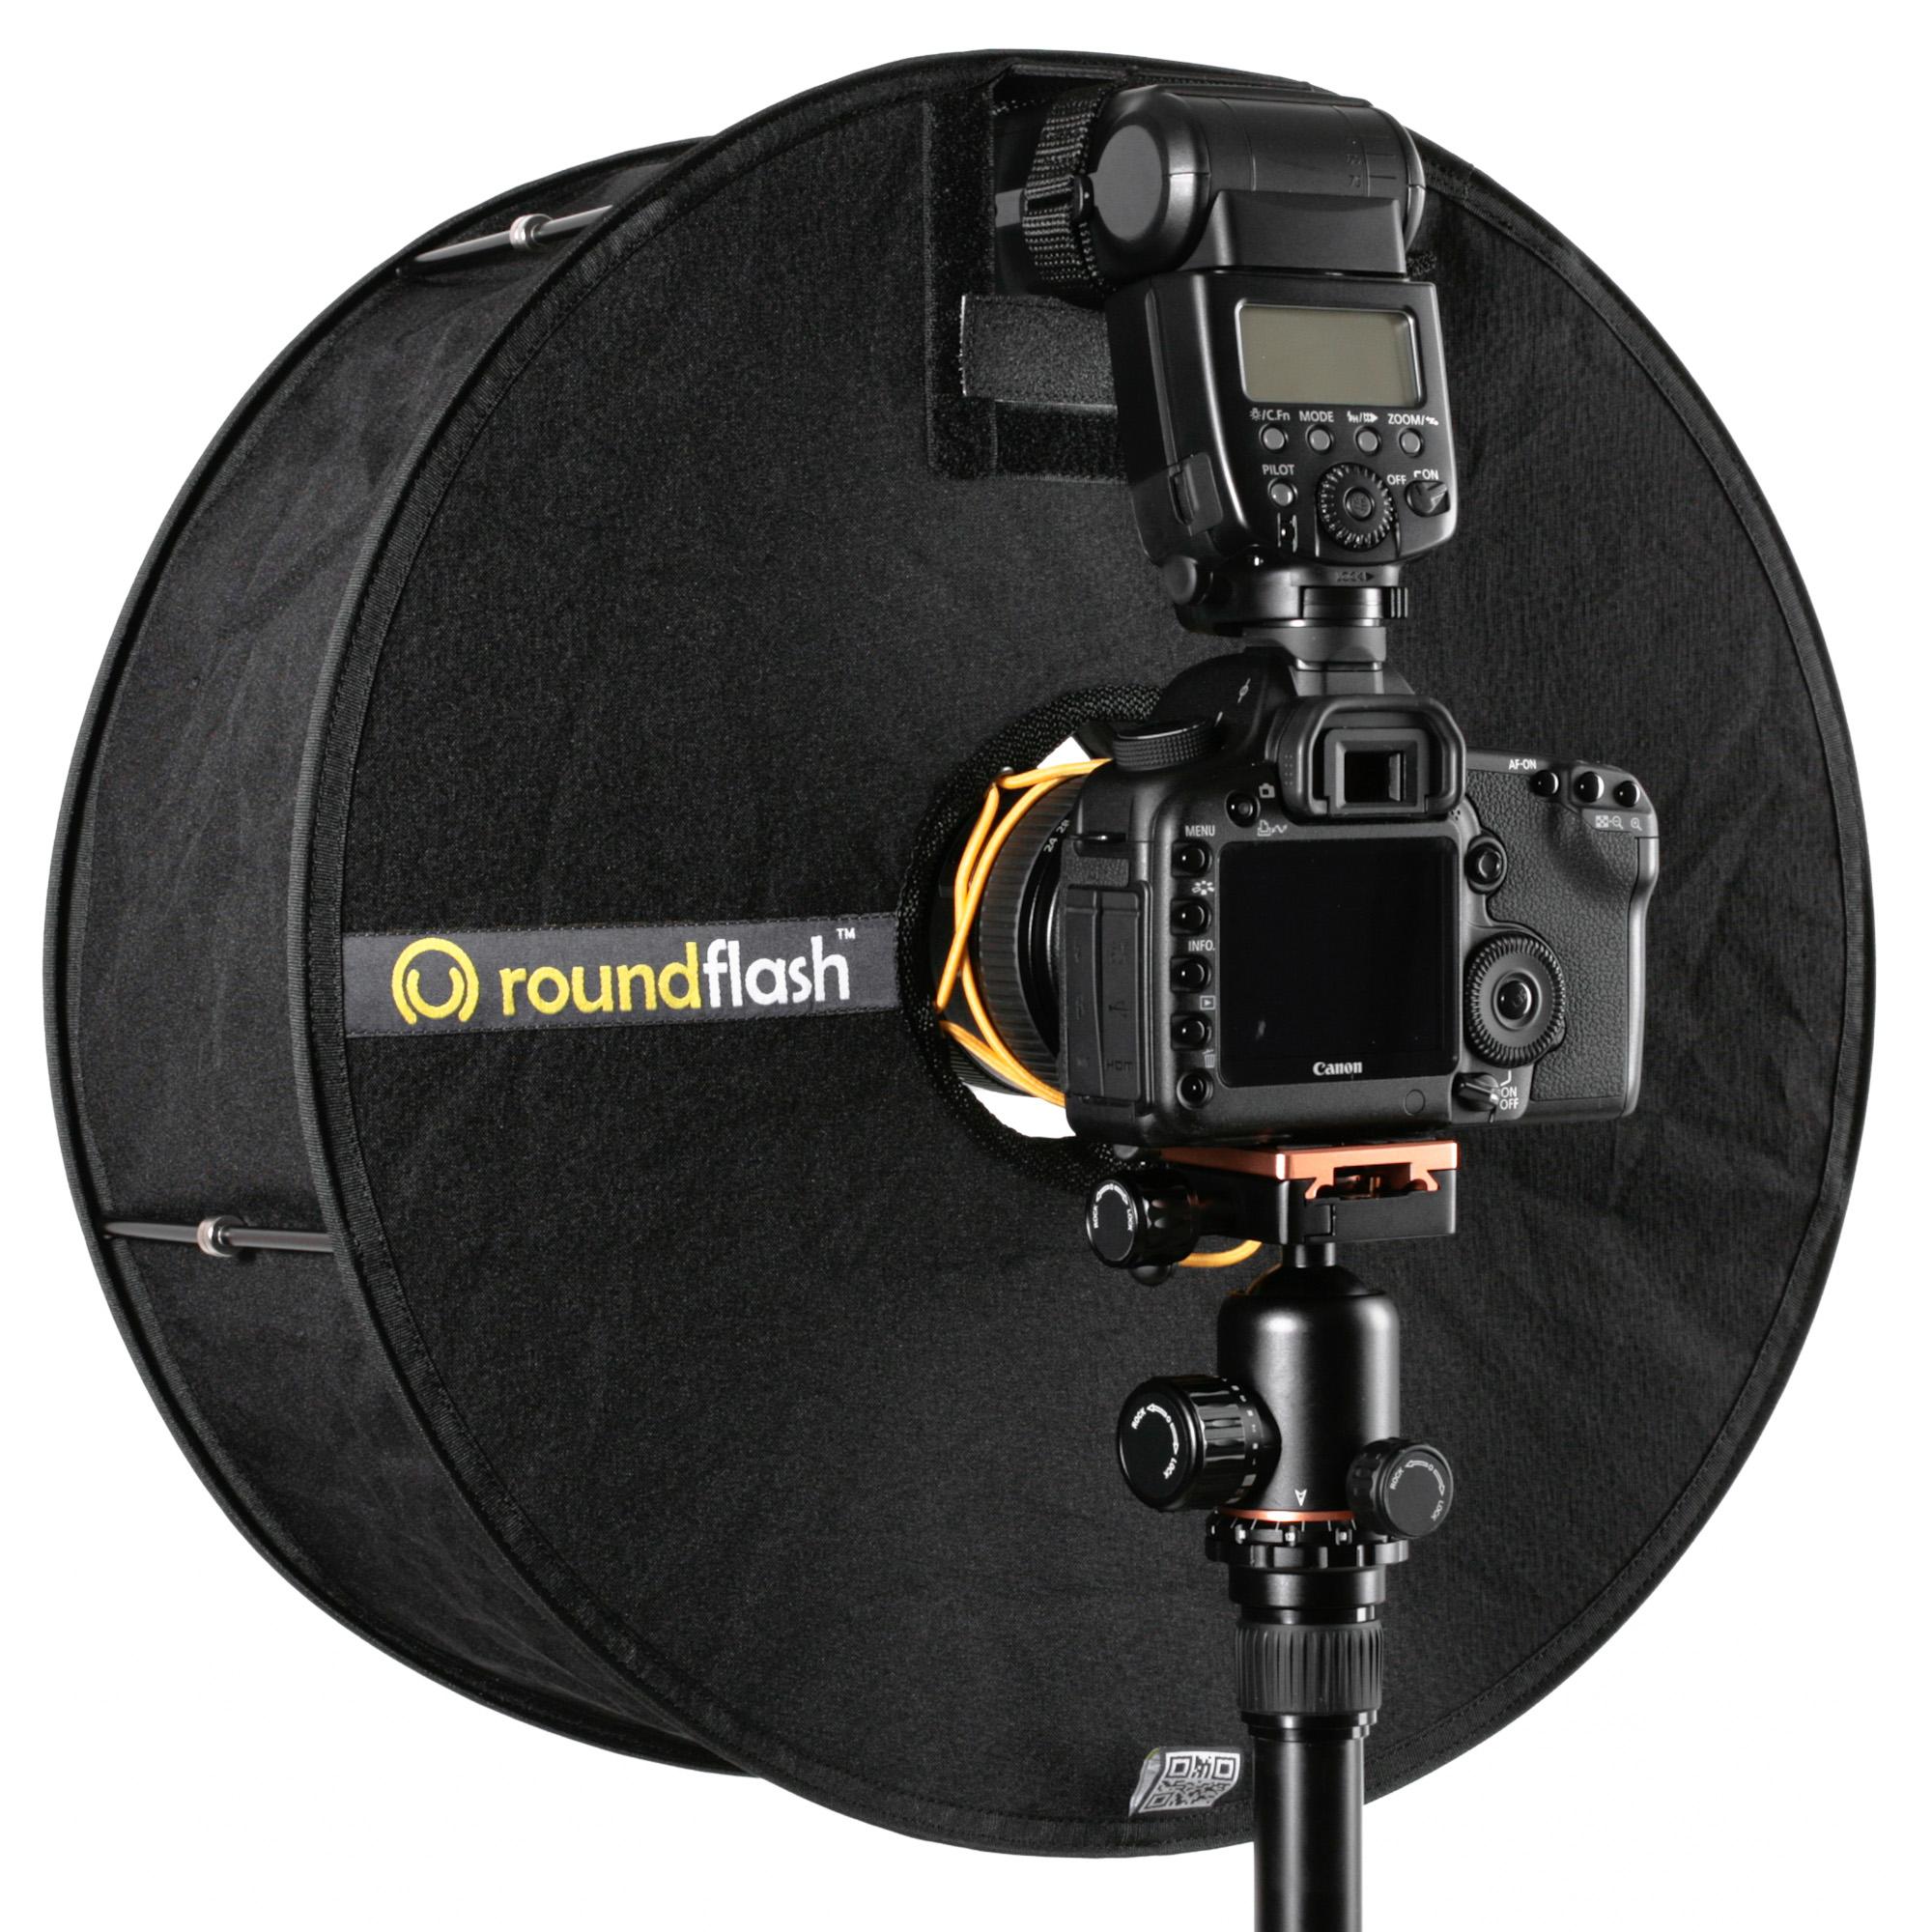 Der Roundflash von hinten: Das Kameraobjektiv ist umhüllt. Der Blitz zündet in den Roundflash hinein